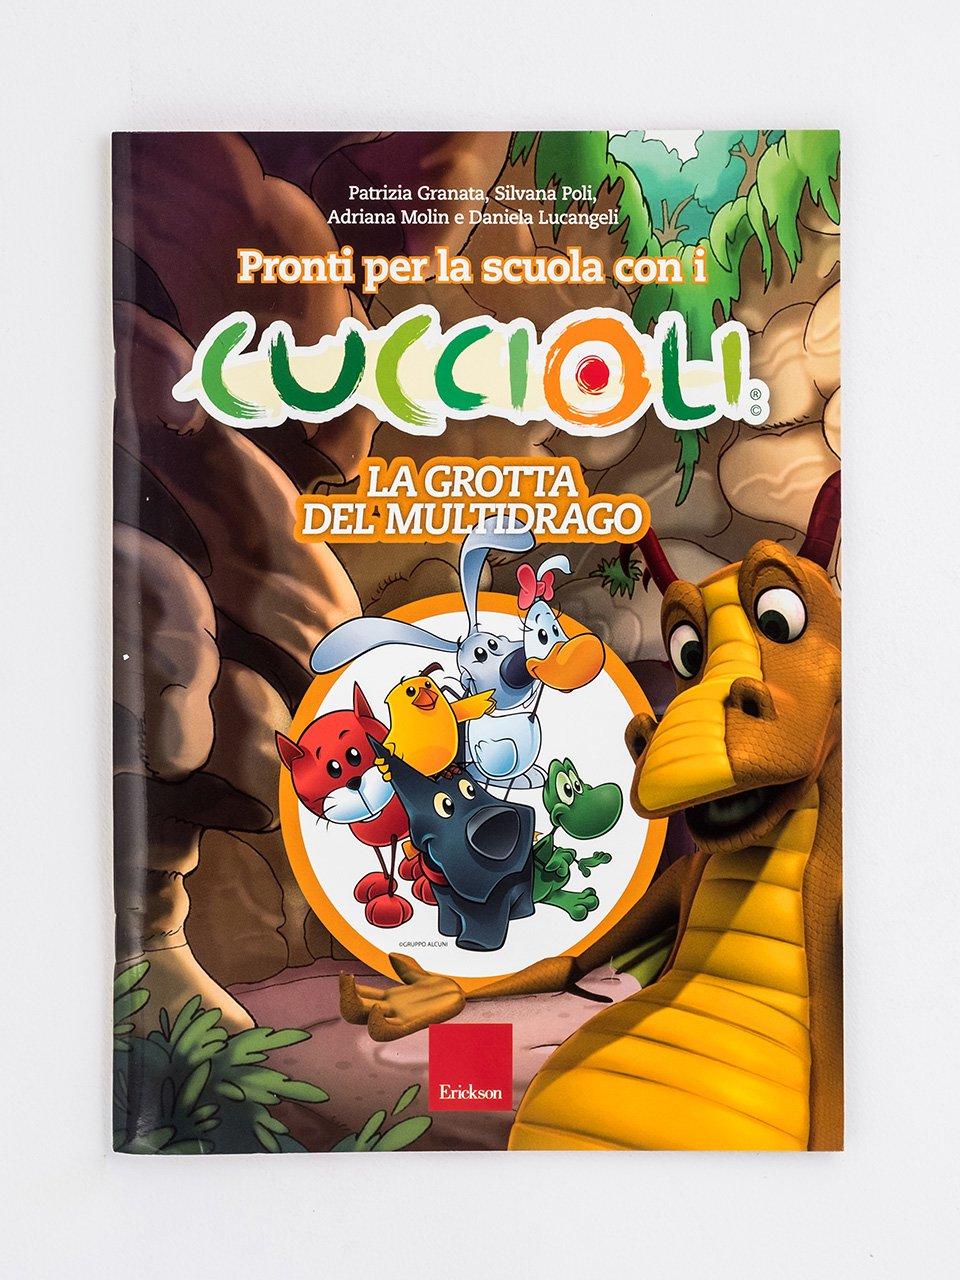 Pronti per la scuola con i CUCCIOLI - La grotta del multidrago - Le proposte Erickson per i compiti-delle-vacanze - Erickson